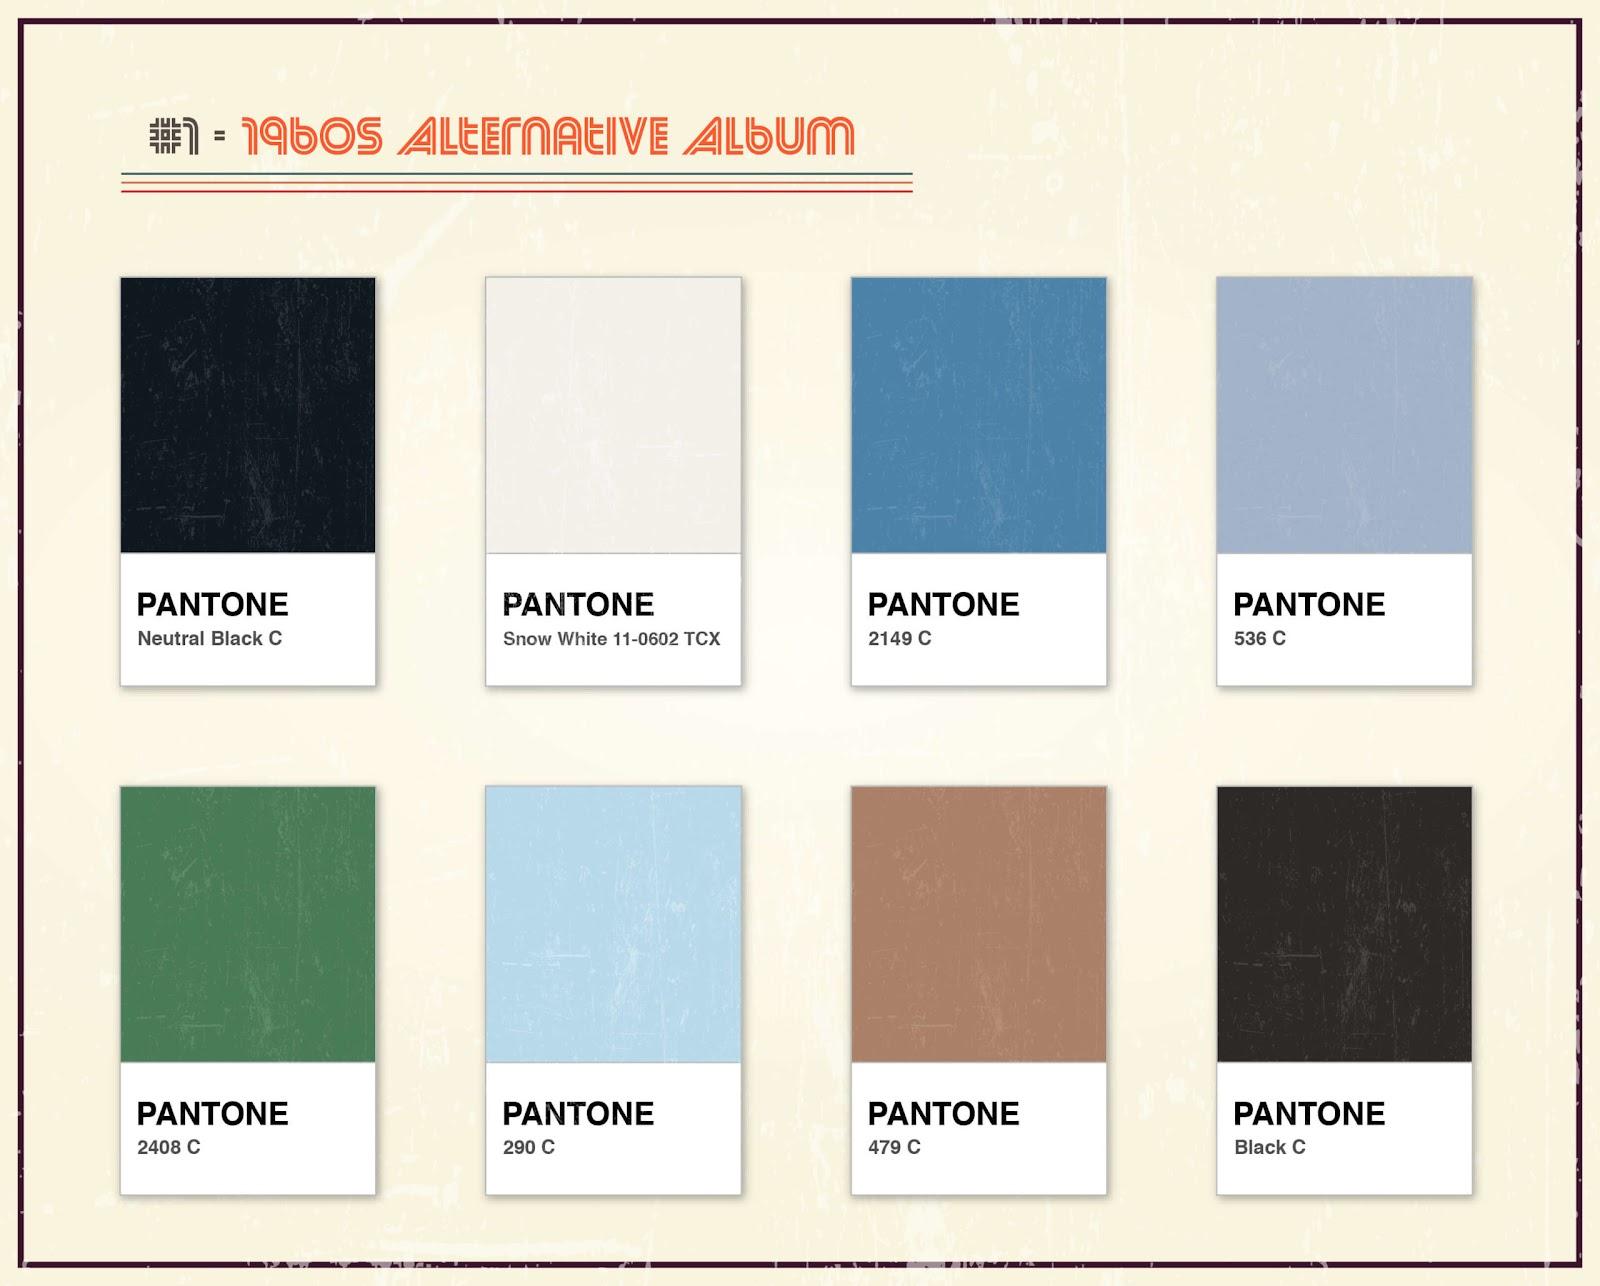 Album Artwork As Pantone: Famous Album Covers Without Text Quiz_1